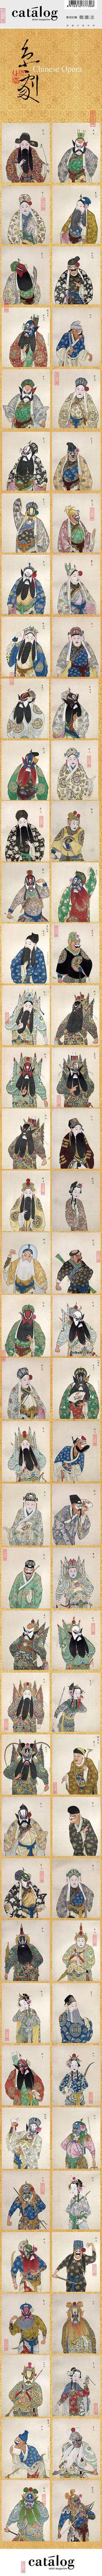 【京劇臉譜Chinese Opera】 京劇脸谱的主要特点有三点:美与丑的矛盾统一;与角色的性格关系密切;其图案是程式化的。生、旦面部化妆简单,略施脂粉,叫俊扮、素面、洁面。而净行与丑行面部绘画比较复杂,特别是净,都是重施油彩的,图案复杂,因此称花脸。戏曲中的脸谱,主要指净的面部绘画。